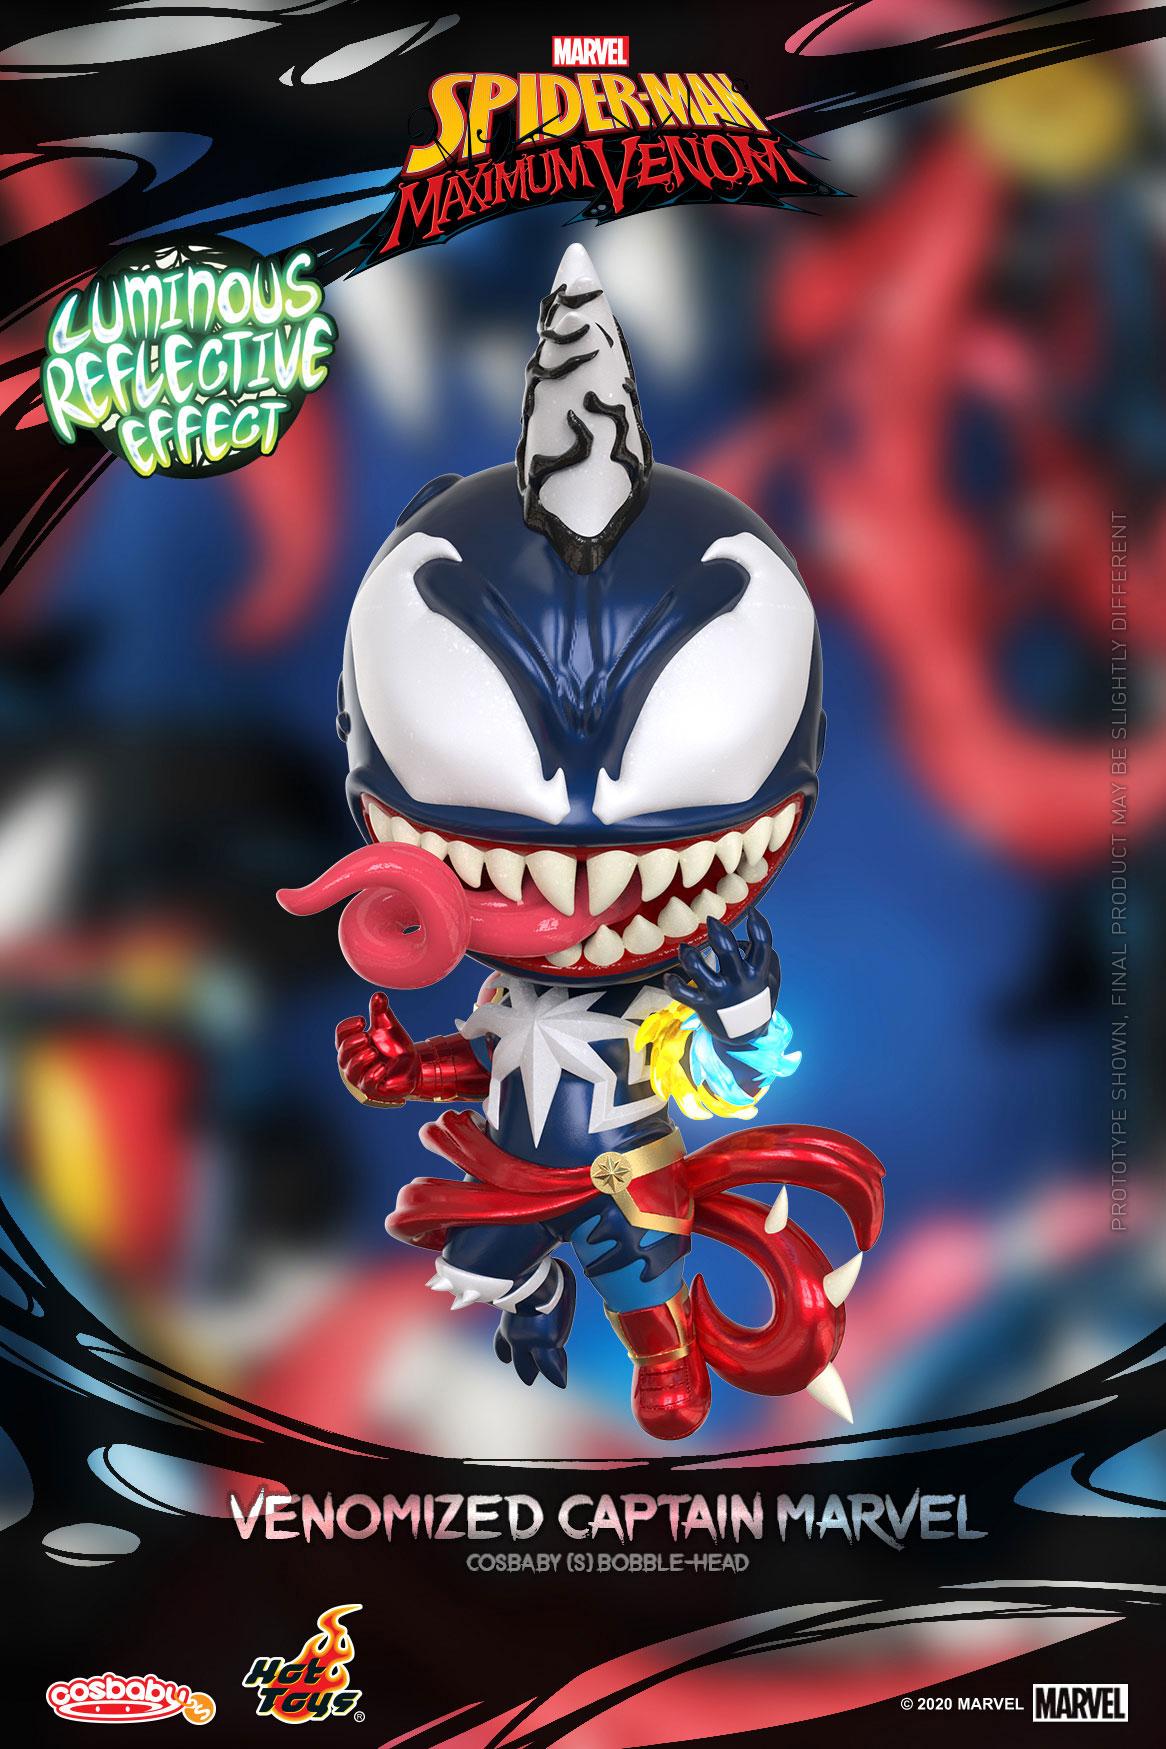 ■【コスベイビー】『スパイダーマン:マキシマム・ヴェノム』[サイズS]キャプテン・マーベル(ヴェノム版)